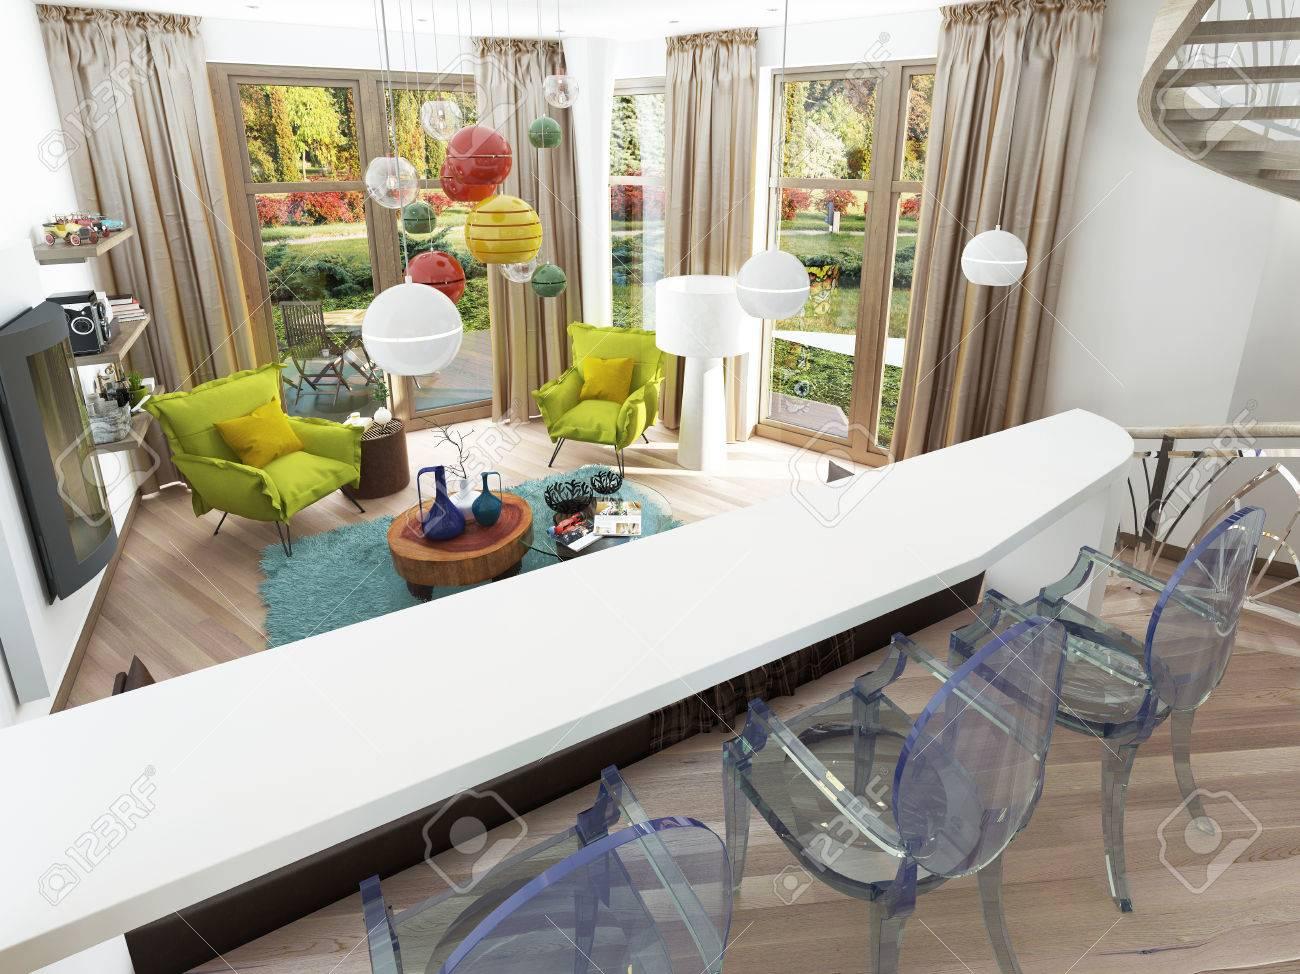 Moderne Weiße Bar Mit Drei Transparenten Stühlen. Die Theke In Der Küche Esszimmer  Mit